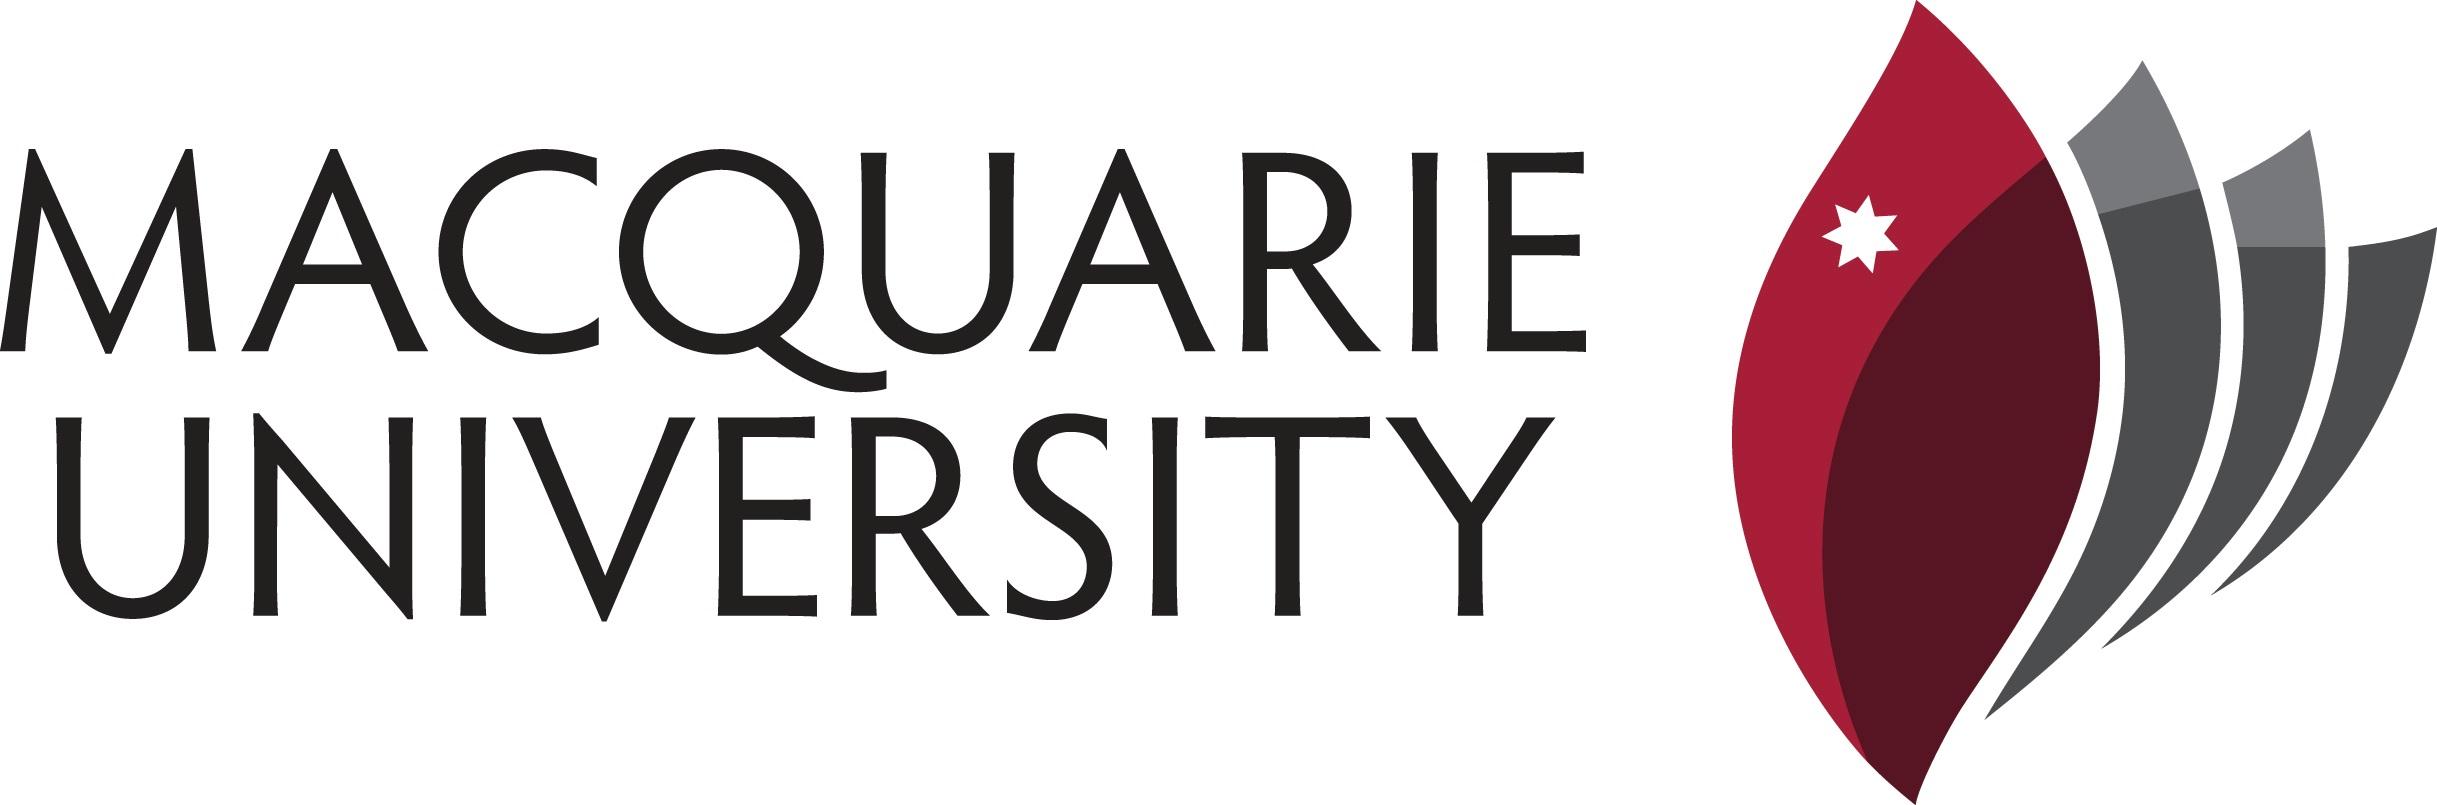 Macquaire uni